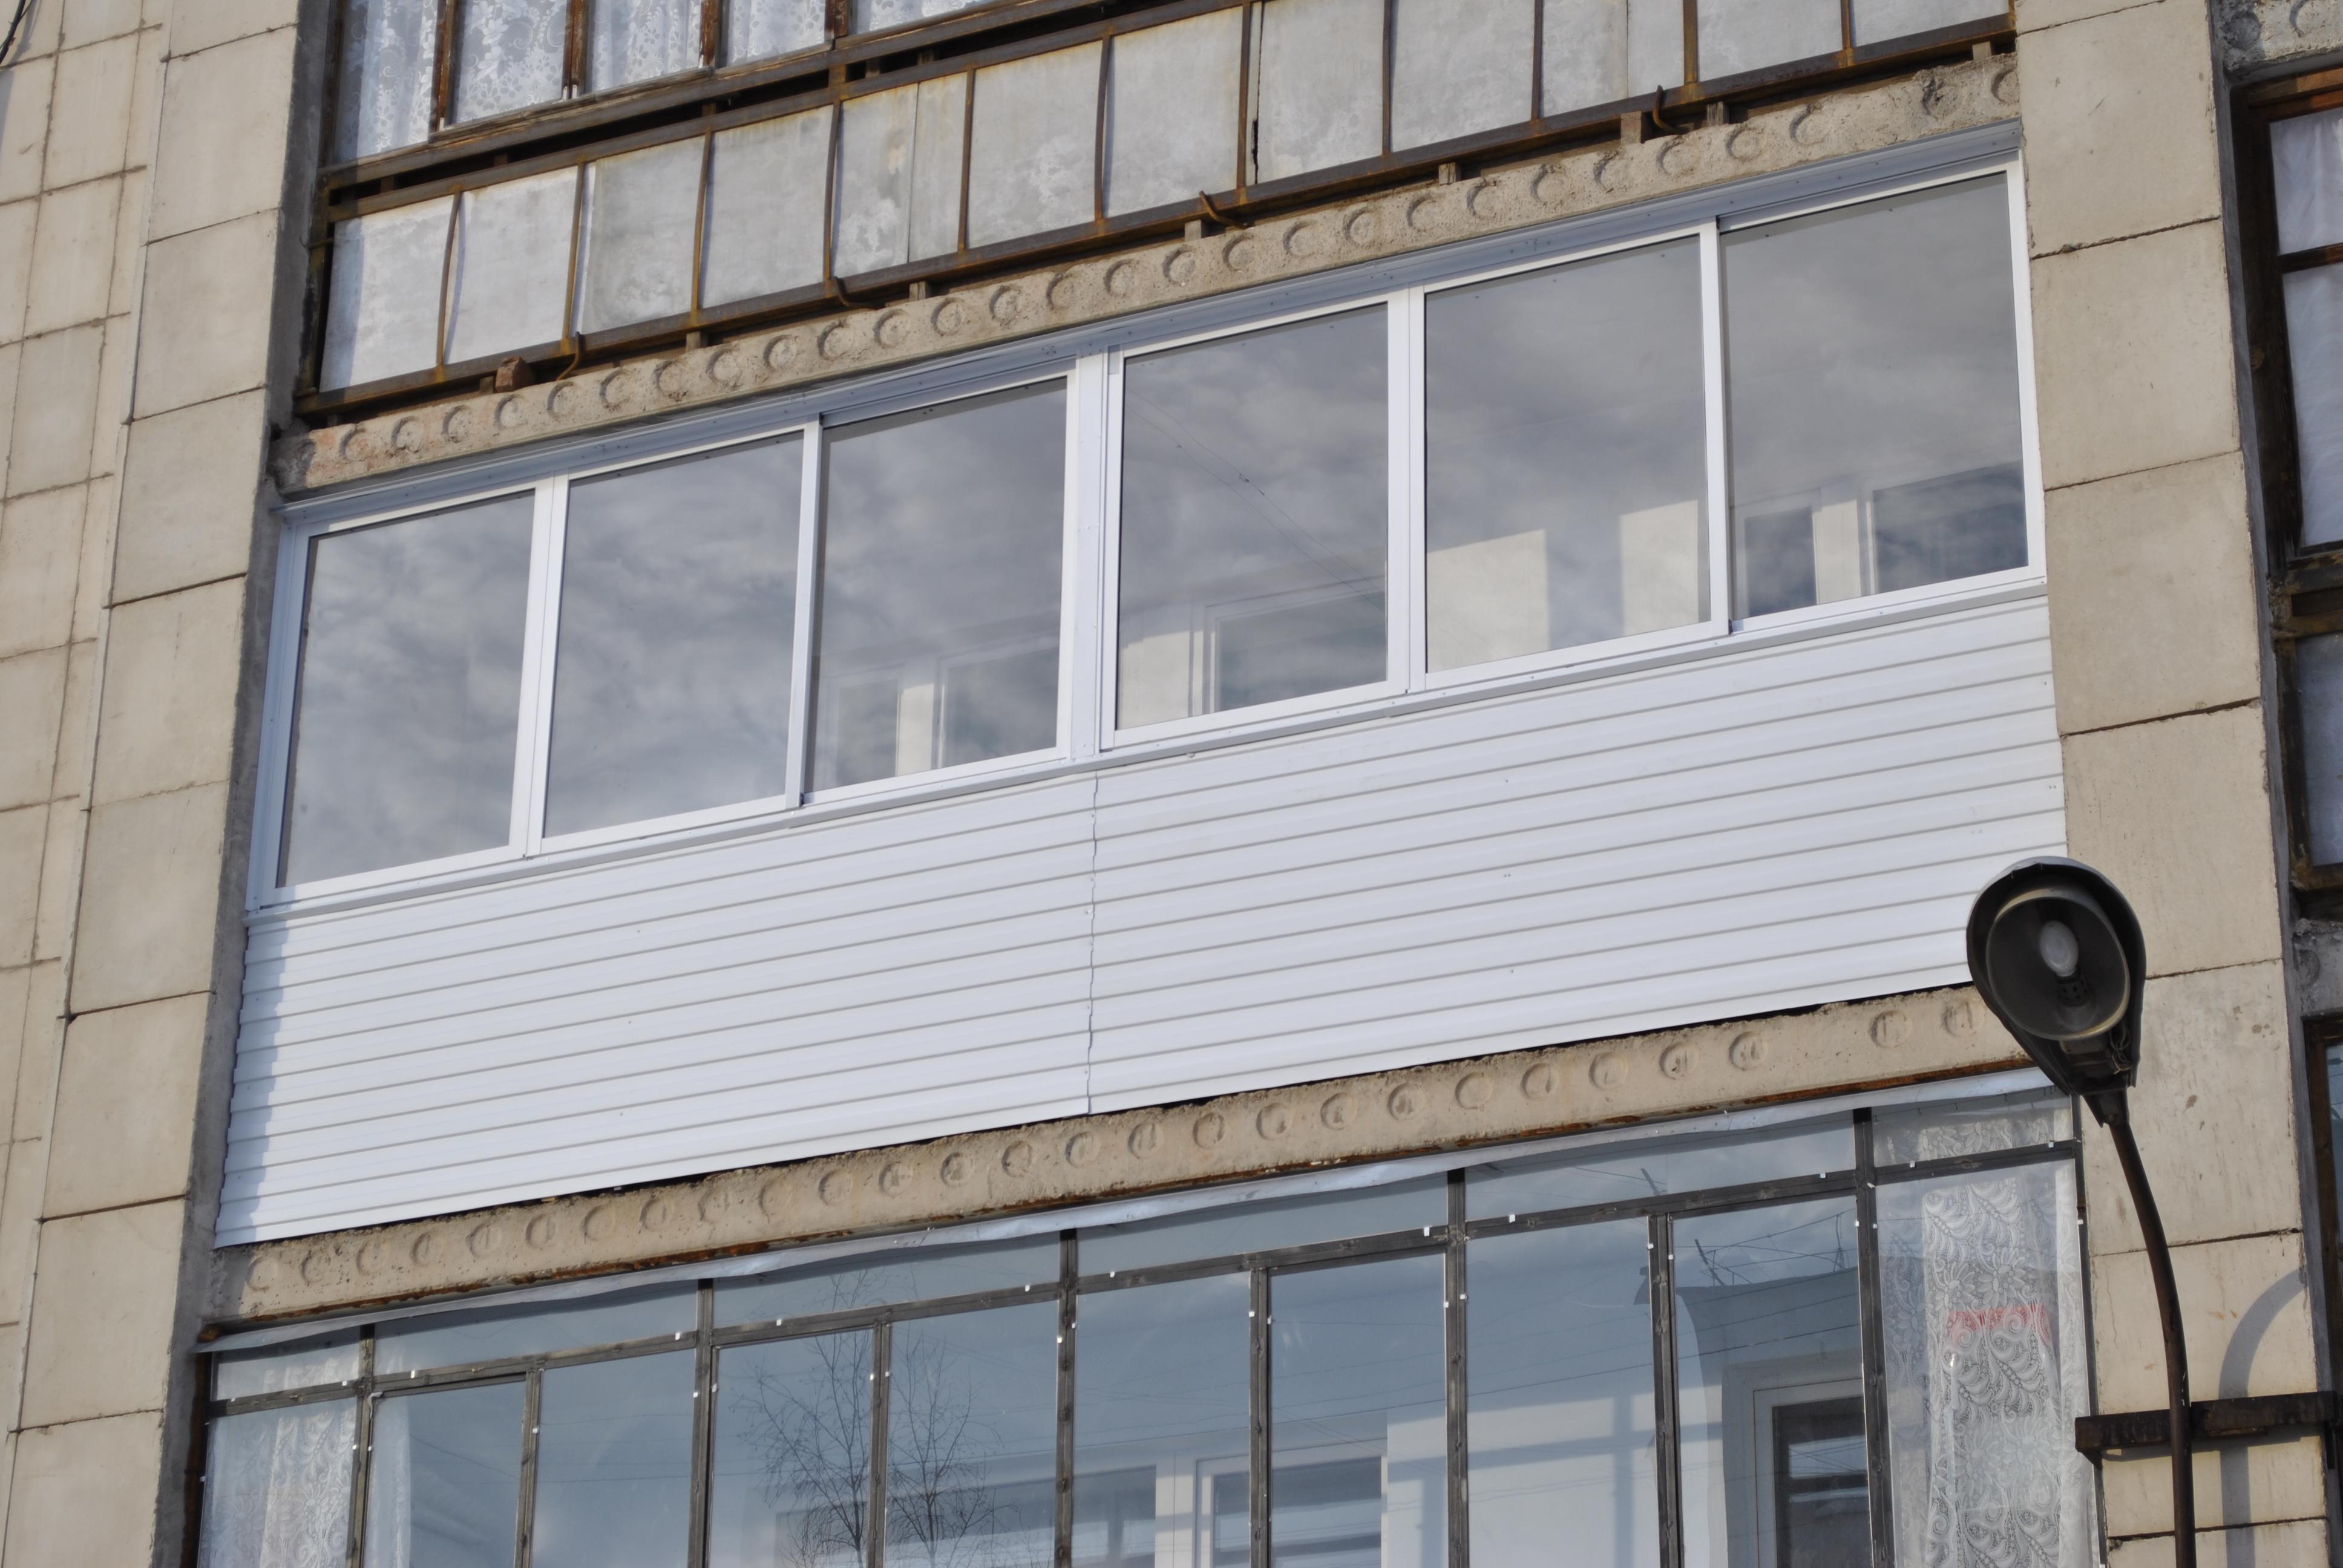 Теплое остекление балконов 6 м (метров) под ключ: цены и фот.